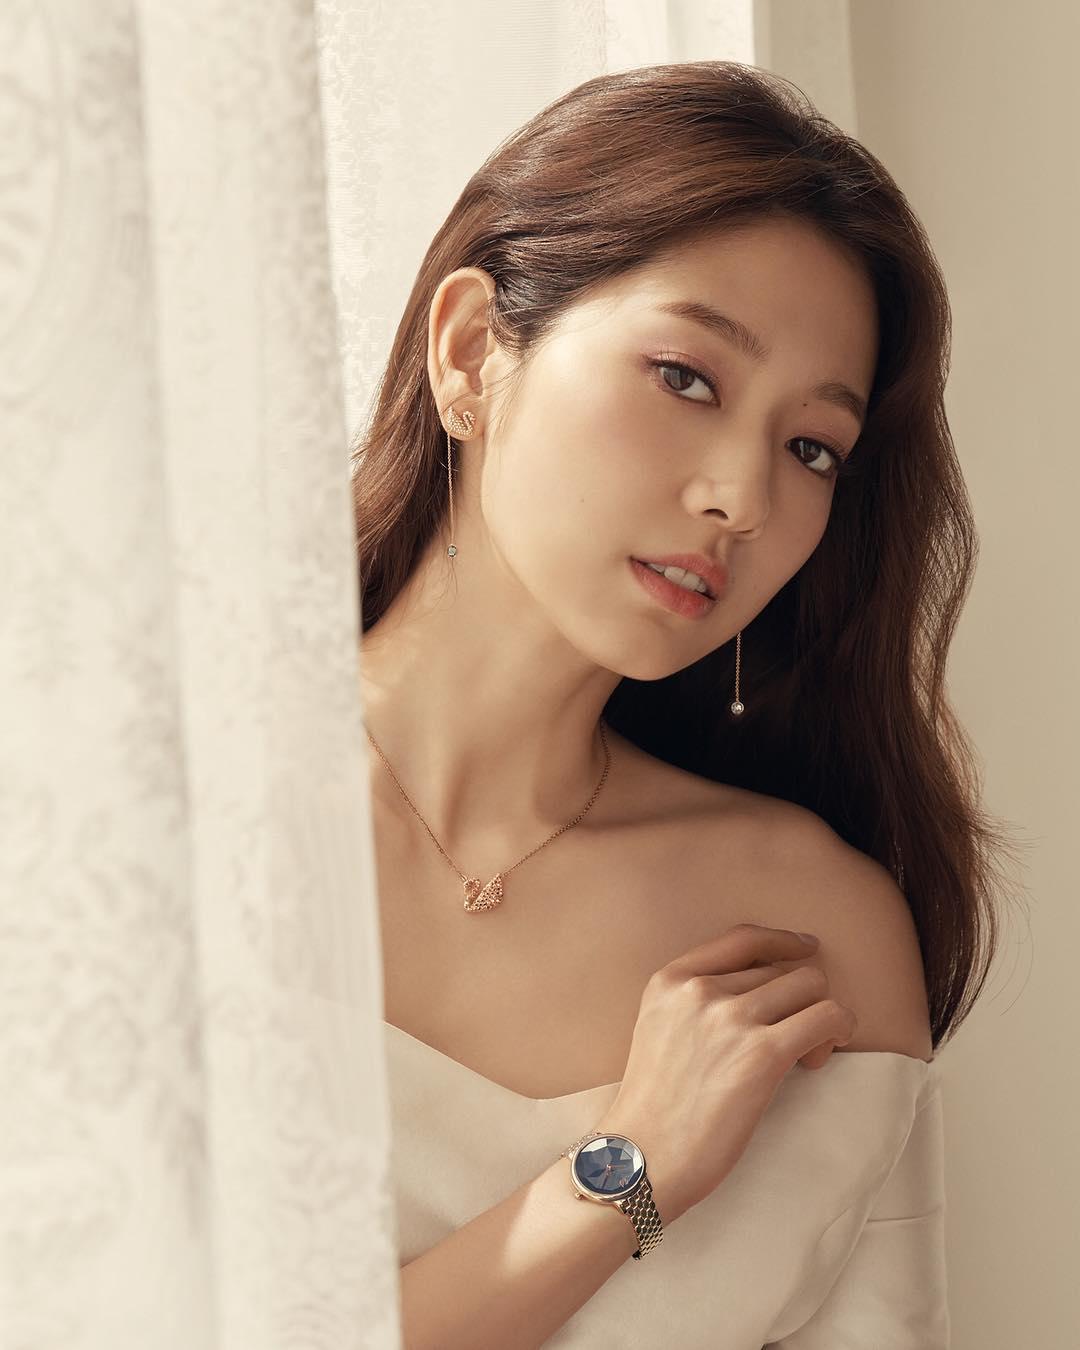 [新闻]180922 朴信惠优雅的珠宝画报公开 清冷的优雅女神